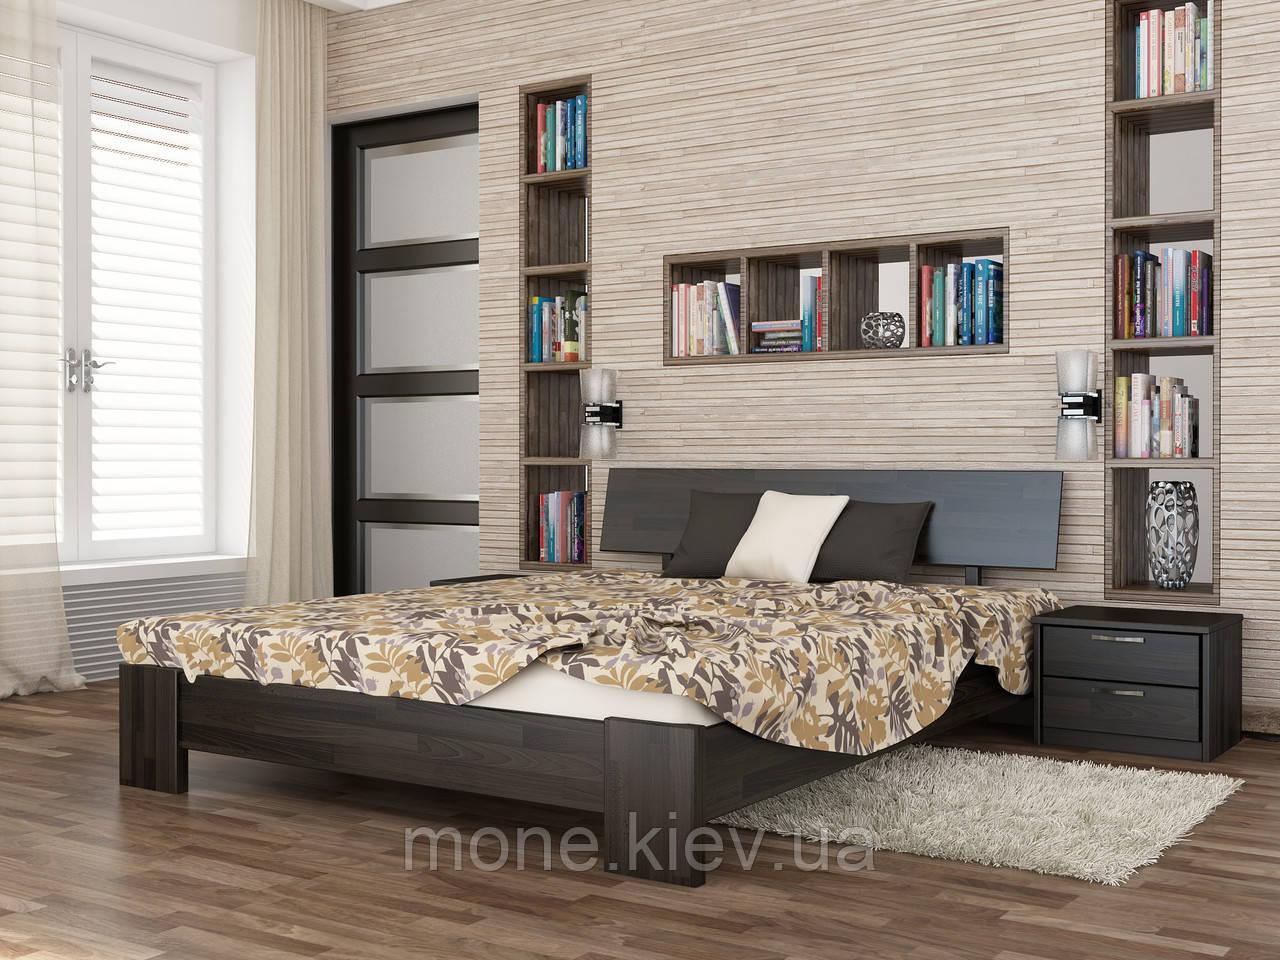 Ліжко двоспальне Титан дерев'яні з бука